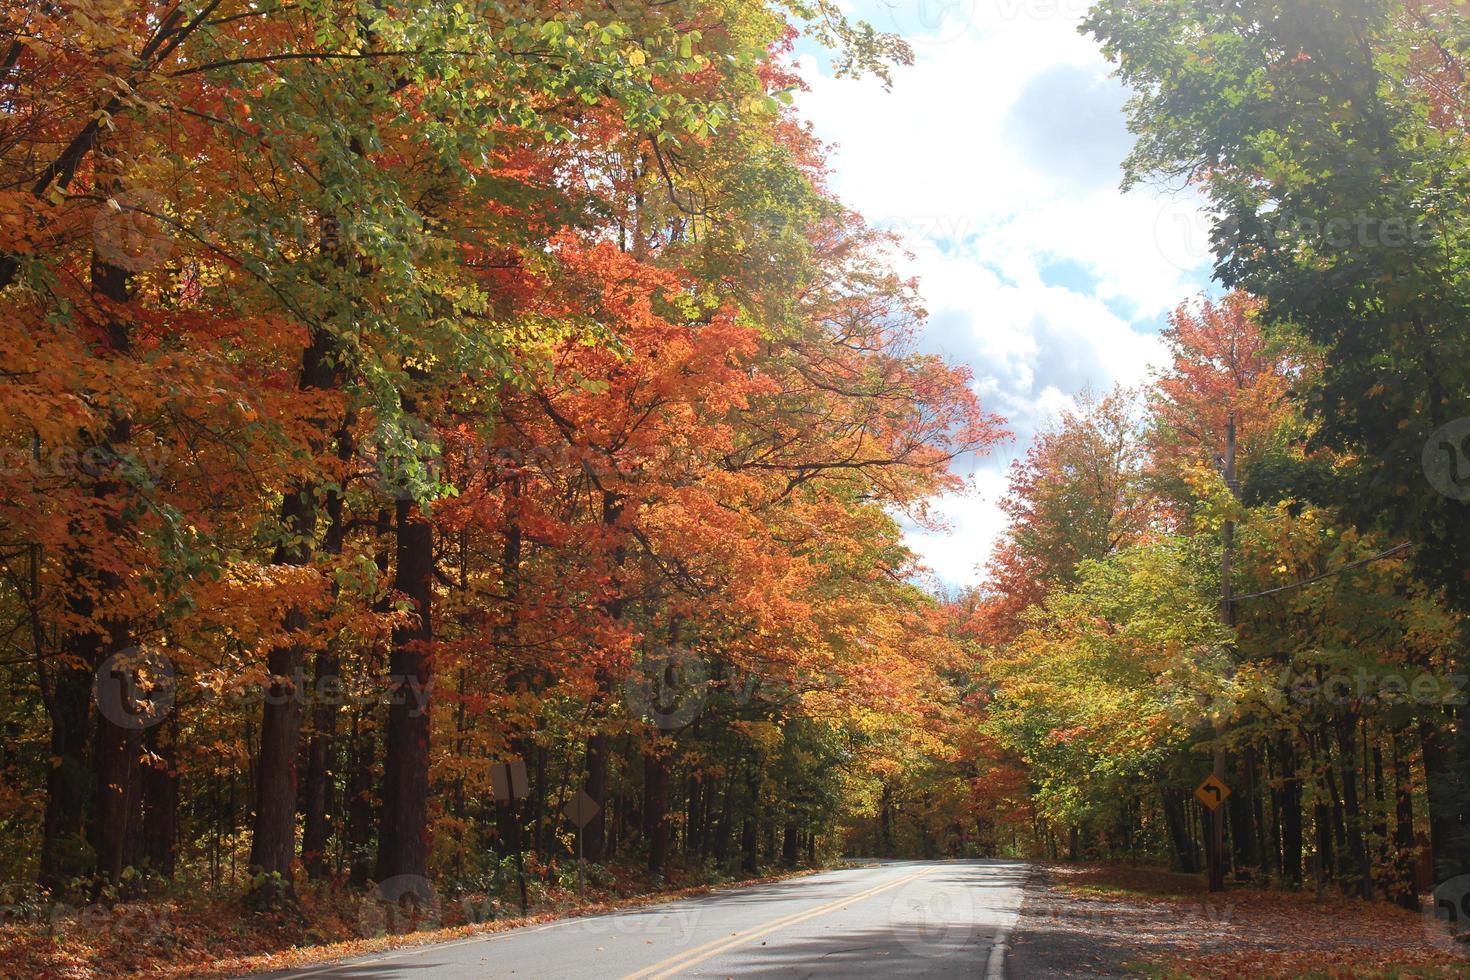 autunno nel bosco foto